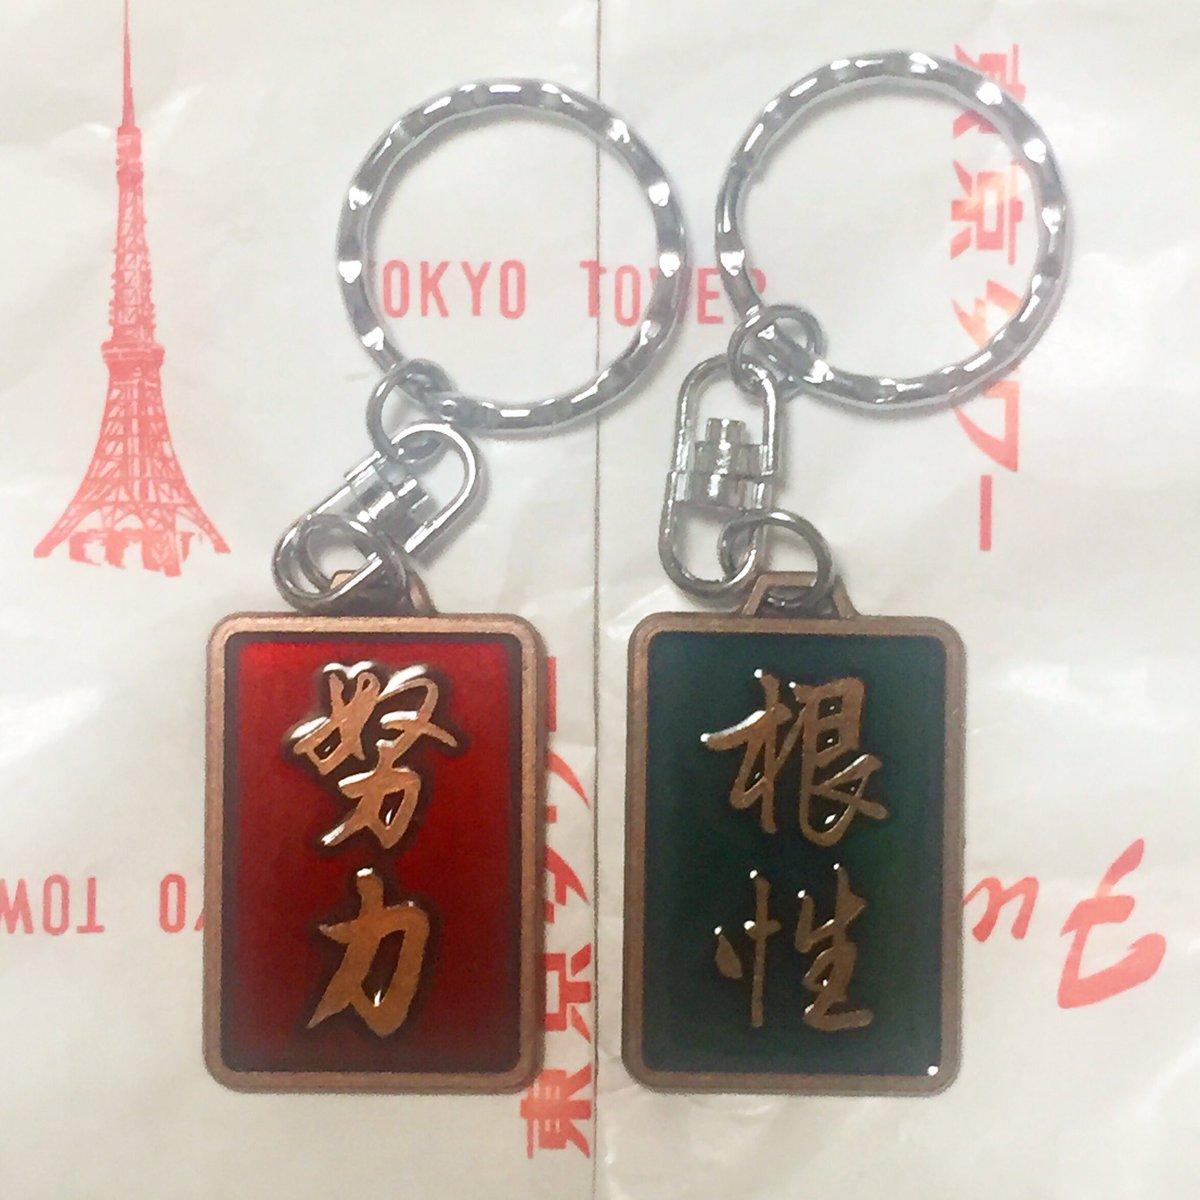 東京タワーで昔見かけたみやげ物をGETしました♡ https://t.co/SWYo4ZwfFL